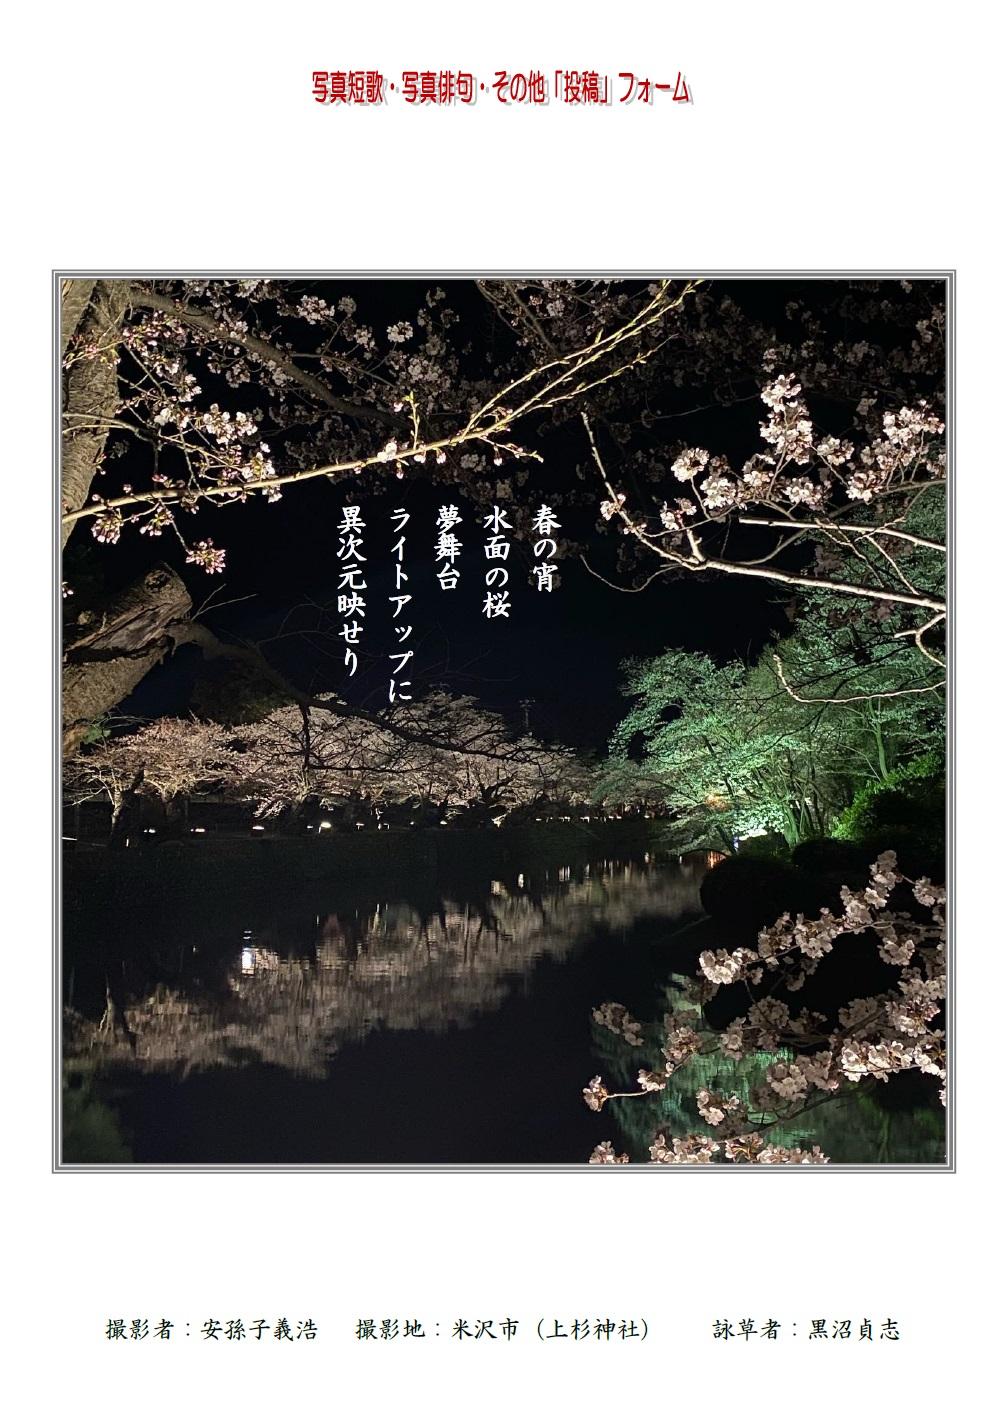 春の宵水面の桜夢舞台ライトアップに異次元映せり